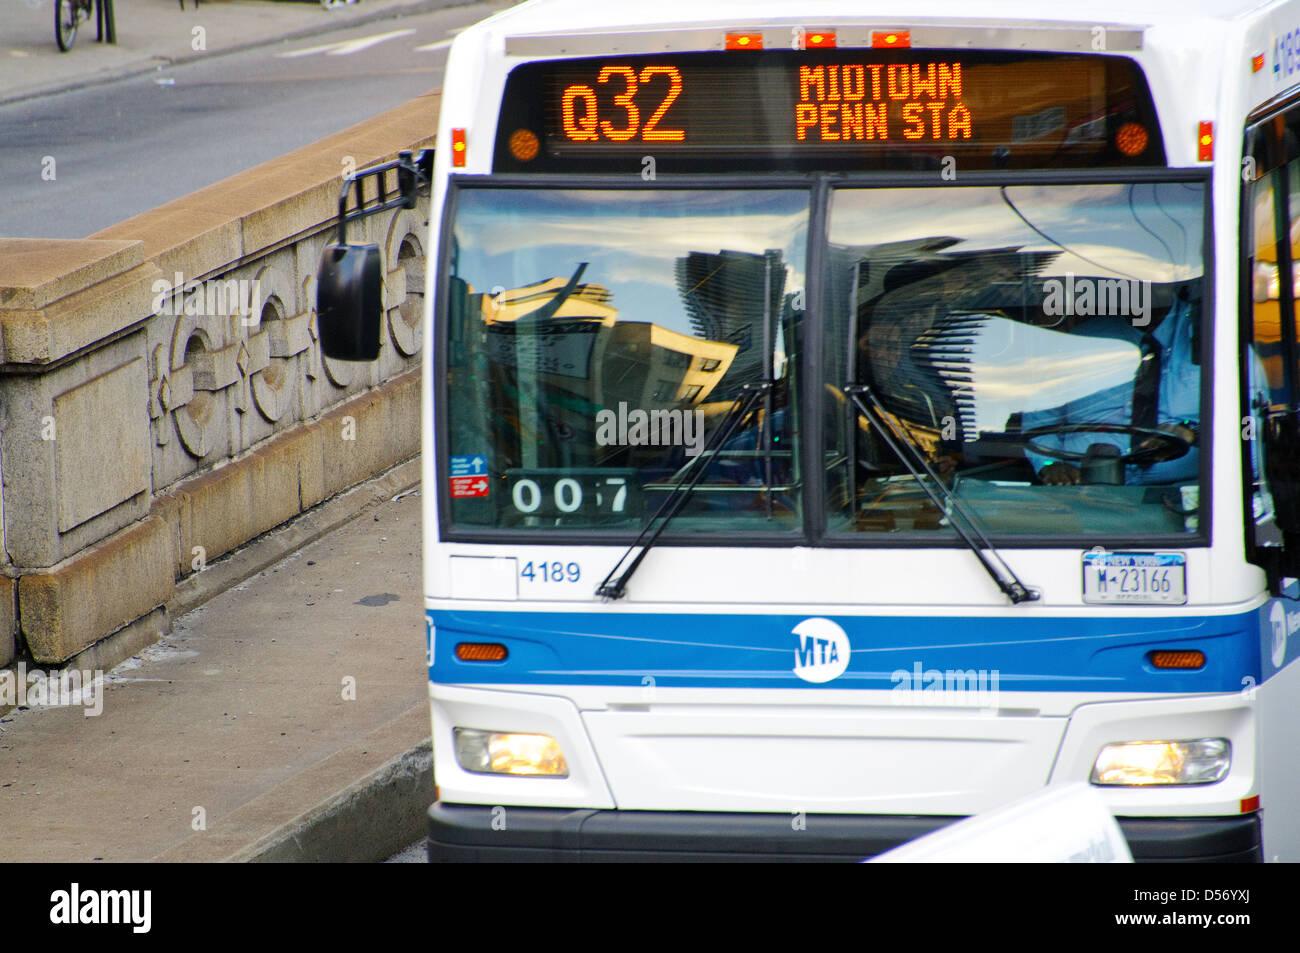 Nyc Bus Mta Stock Photos & Nyc Bus Mta Stock Images - Page 3 ... Q Bus Map on q84 bus map, q31 bus map, queens bus map, m3 bus map, q55 bus map, q112 bus map, q17 bus map, q83 bus map, q12 bus map, q44 bus map, q23 bus map, m1 bus map, q30 bus map, q102 bus map, q76 bus map, q20 bus map, m2 bus map, q104 bus map, q25 bus map, m21 bus map,